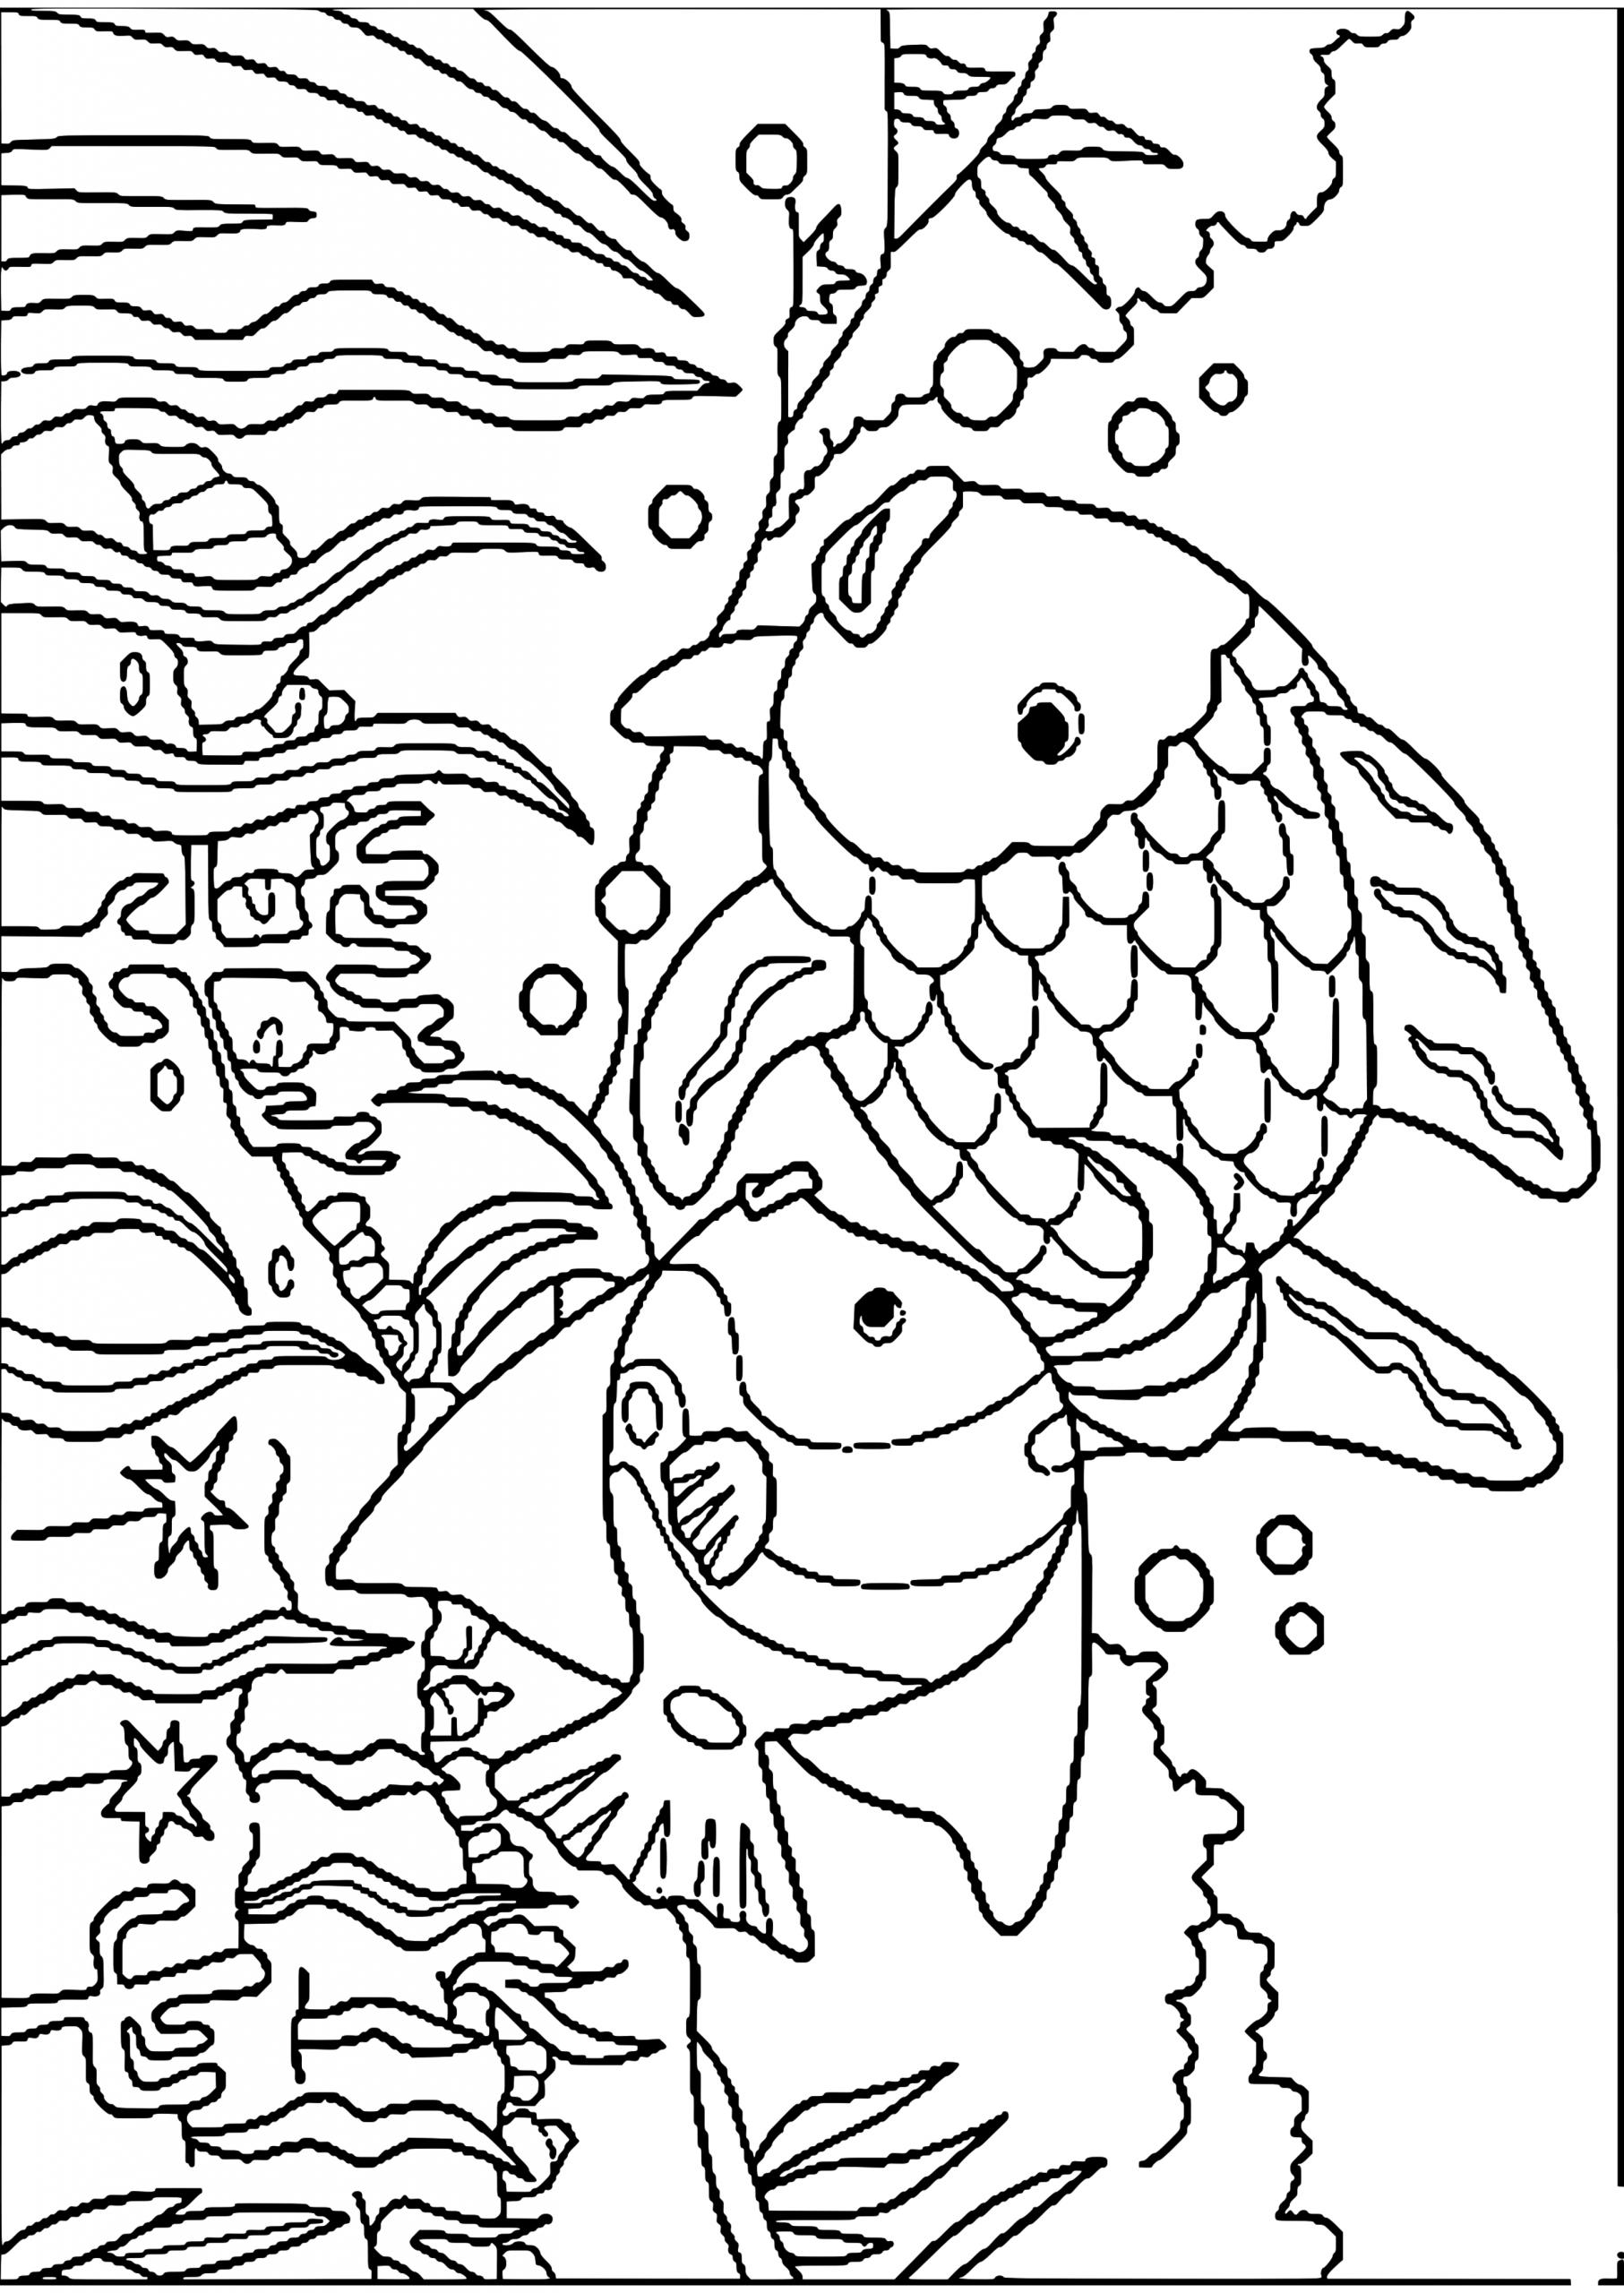 Ausmalbilder Tiere Zum Ausdrucken - 1Ausmalbilder mit Ausmalbilder Kostenlos Drucken